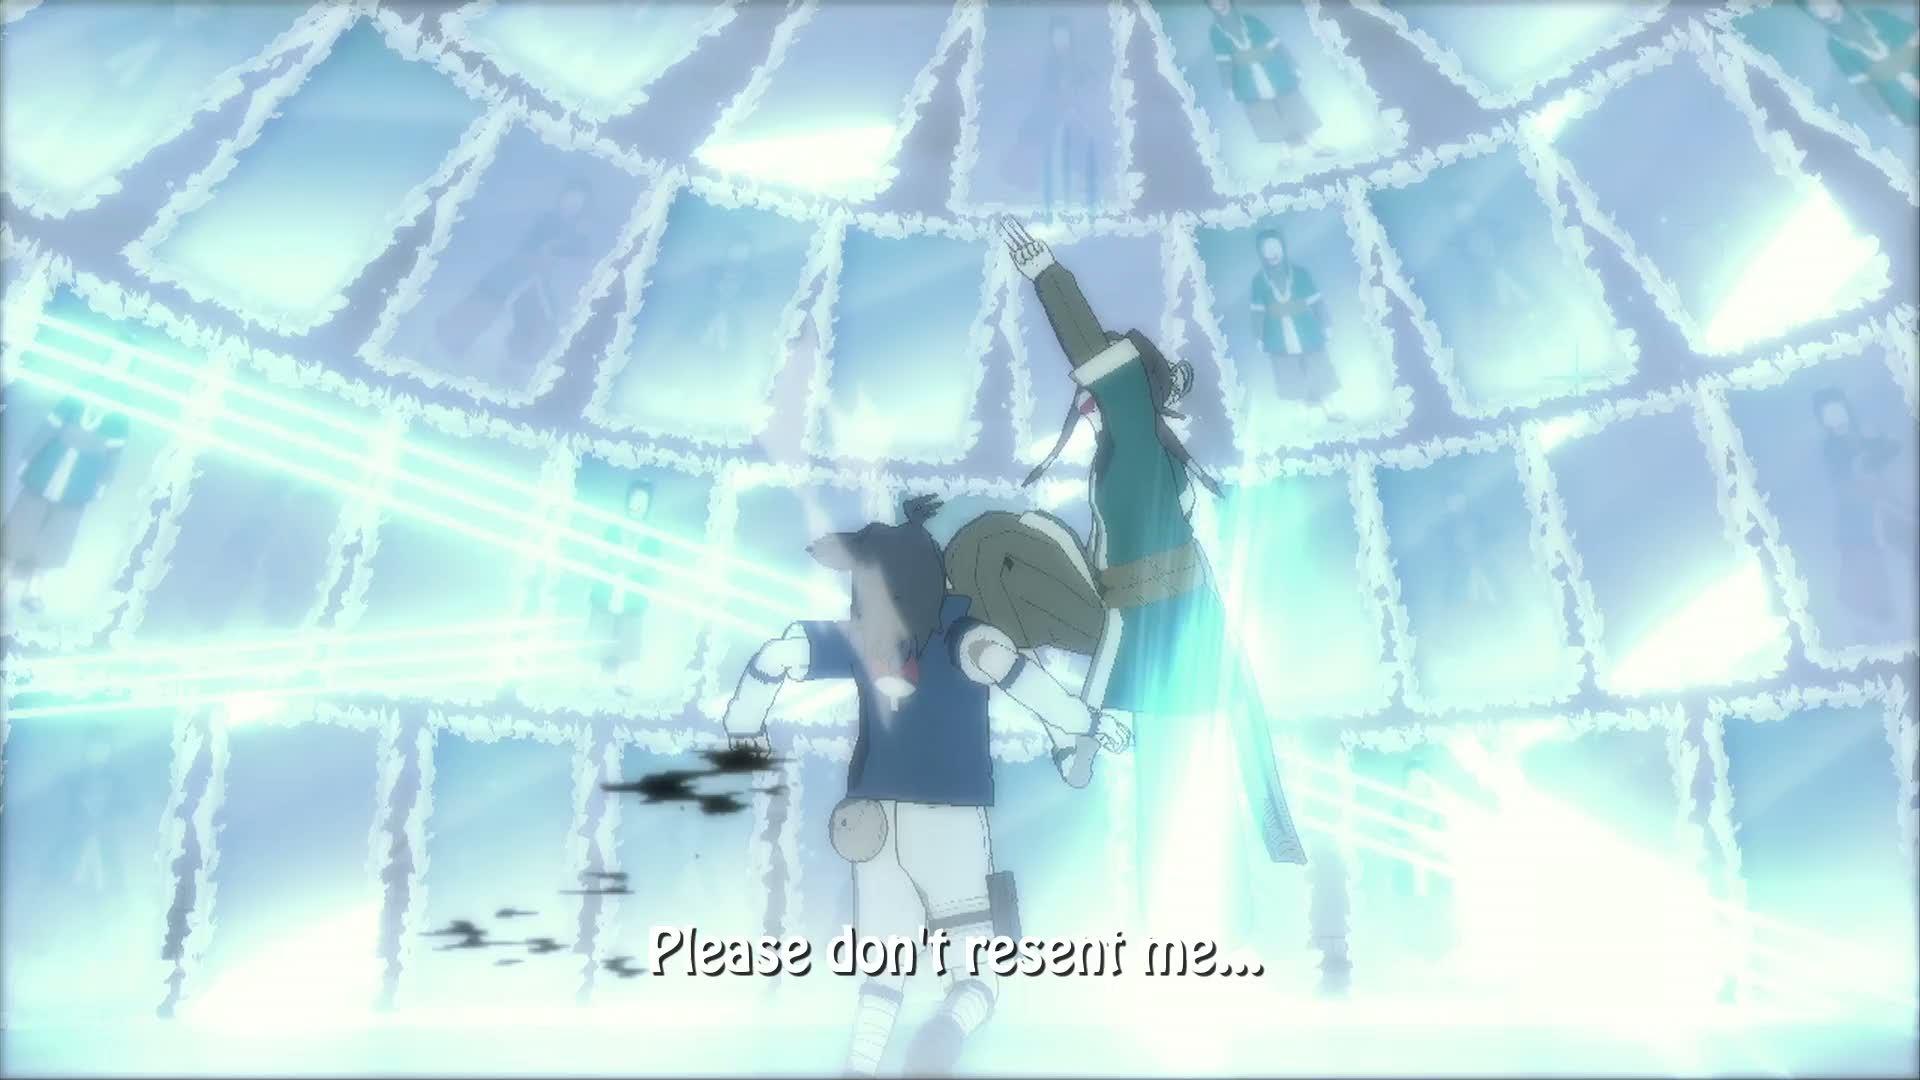 Zabuza and Haku Video | Naruto Shippuden: Ultimate Ninja Storm Generations